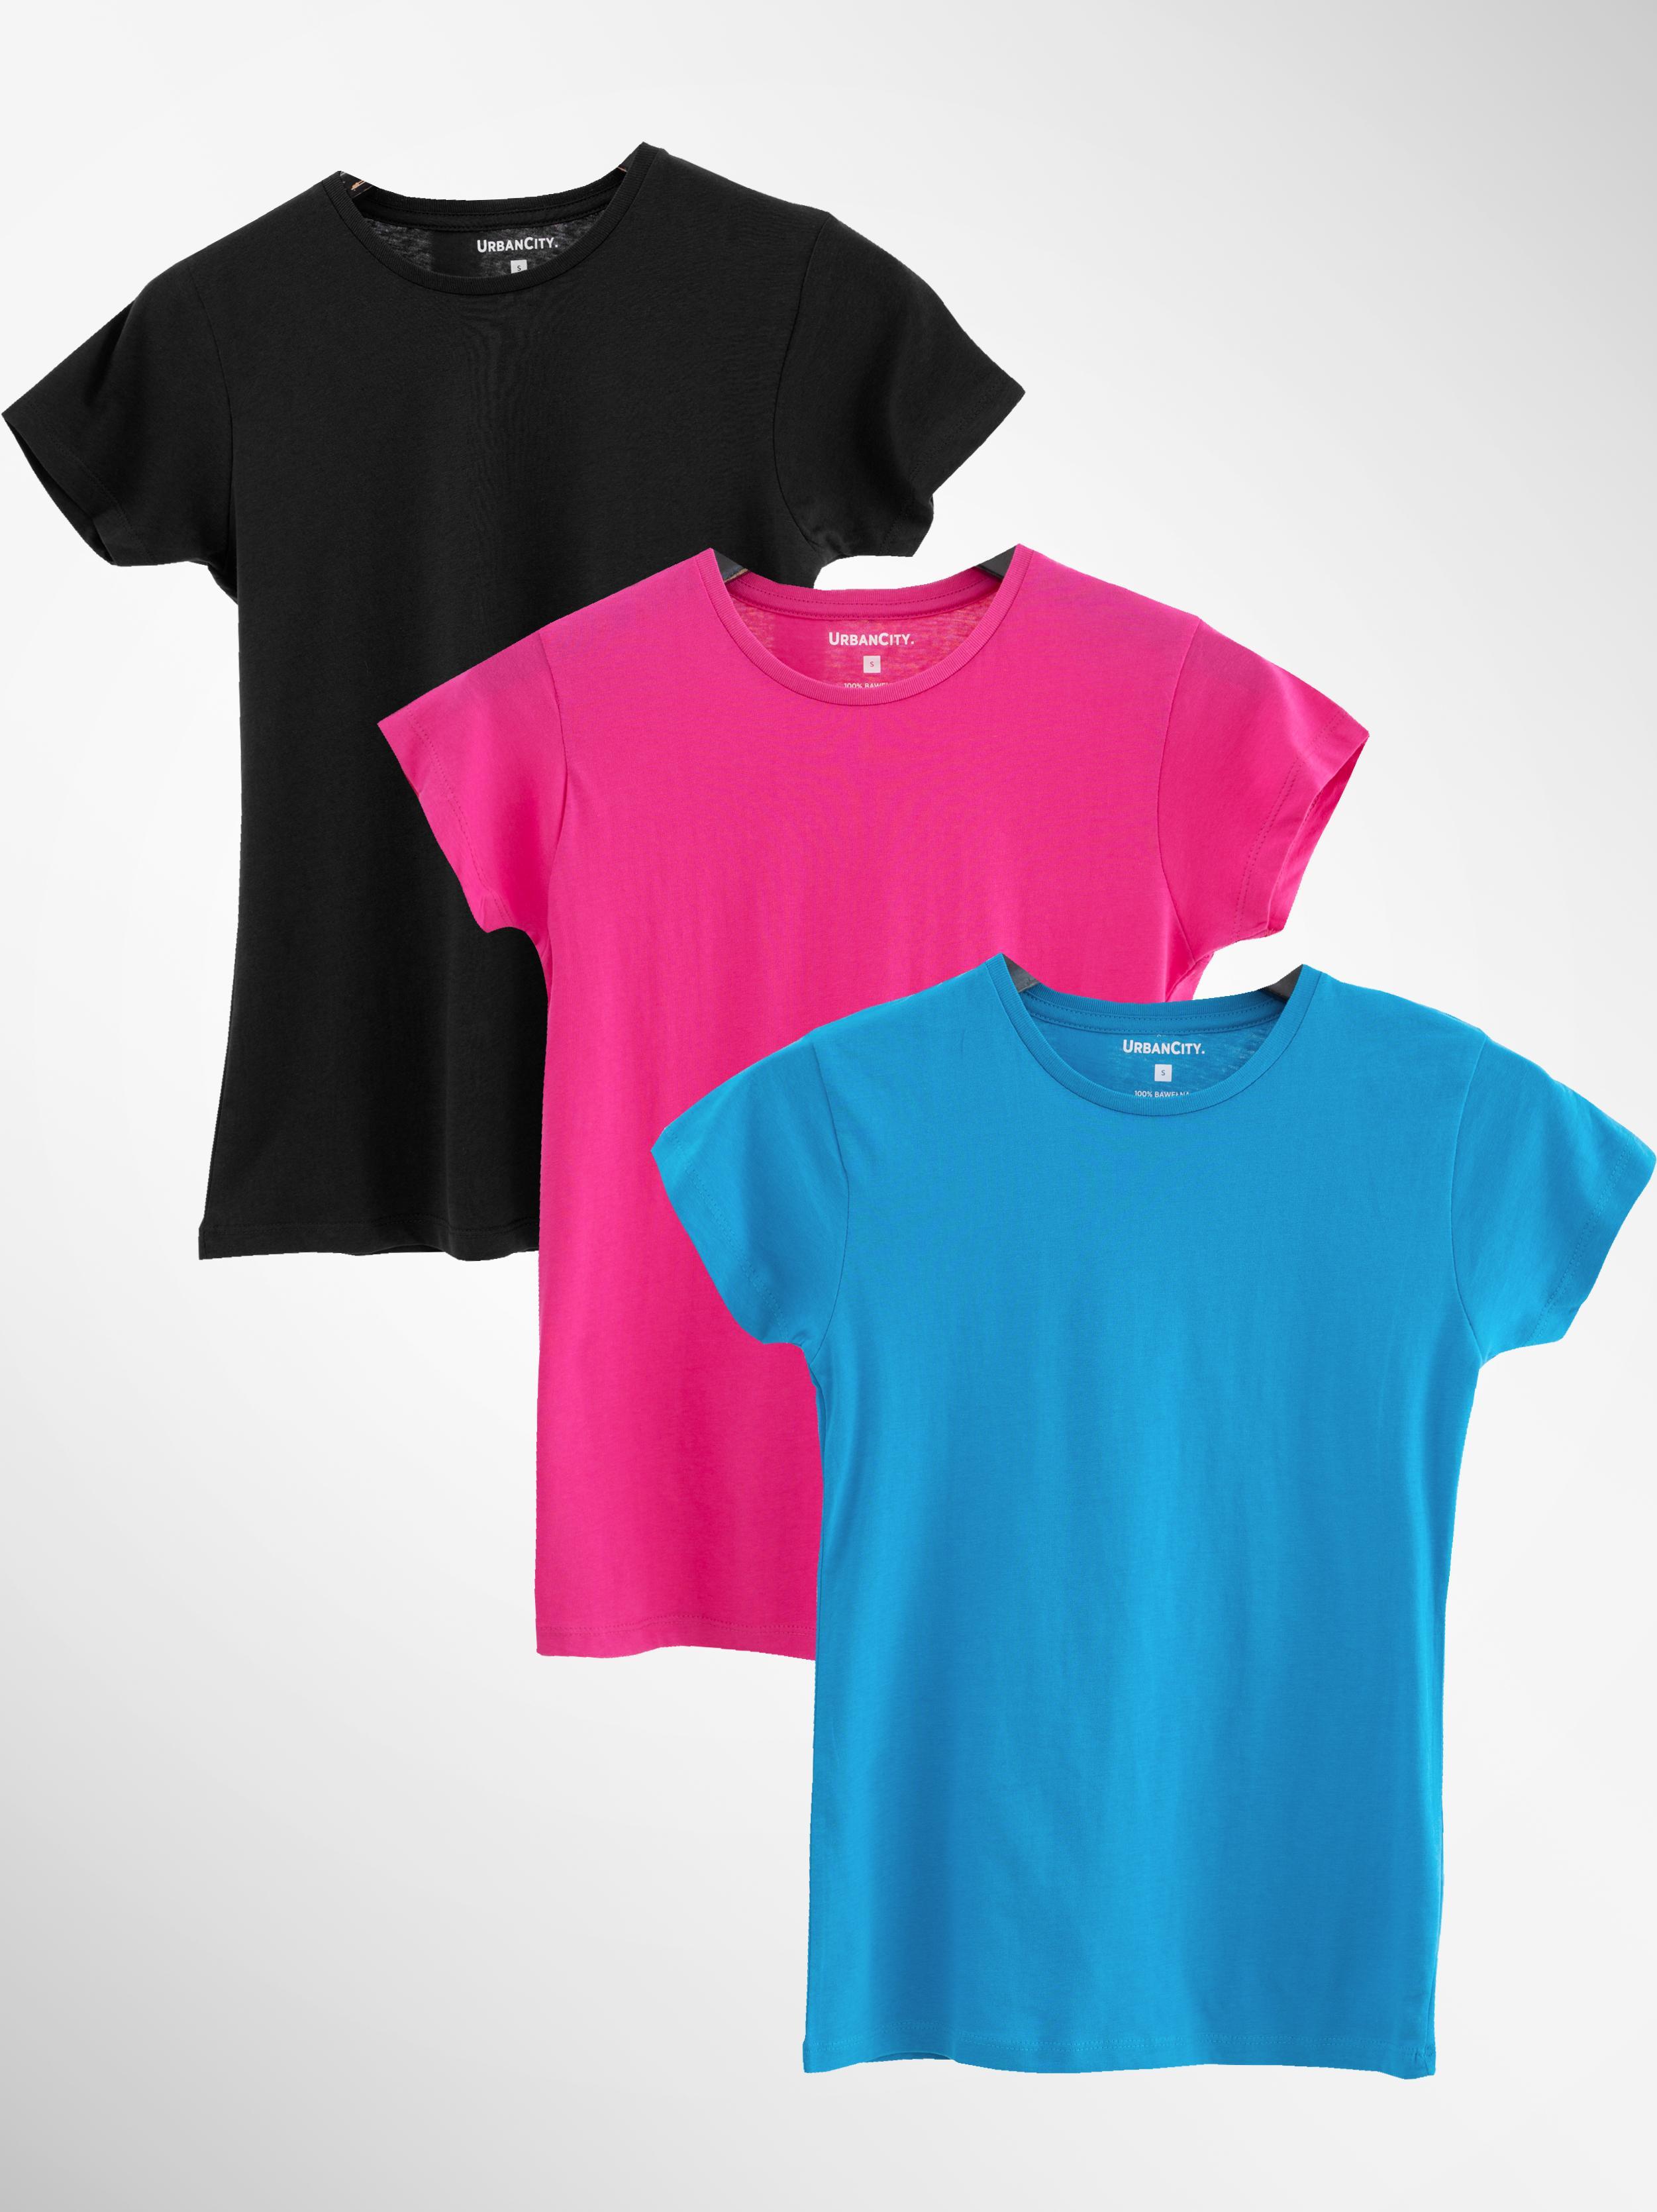 Zestaw 3 Damskich T-Shirtów Urban City No Logo Basic Ciemny Różowy / Turkusowy / Czarny